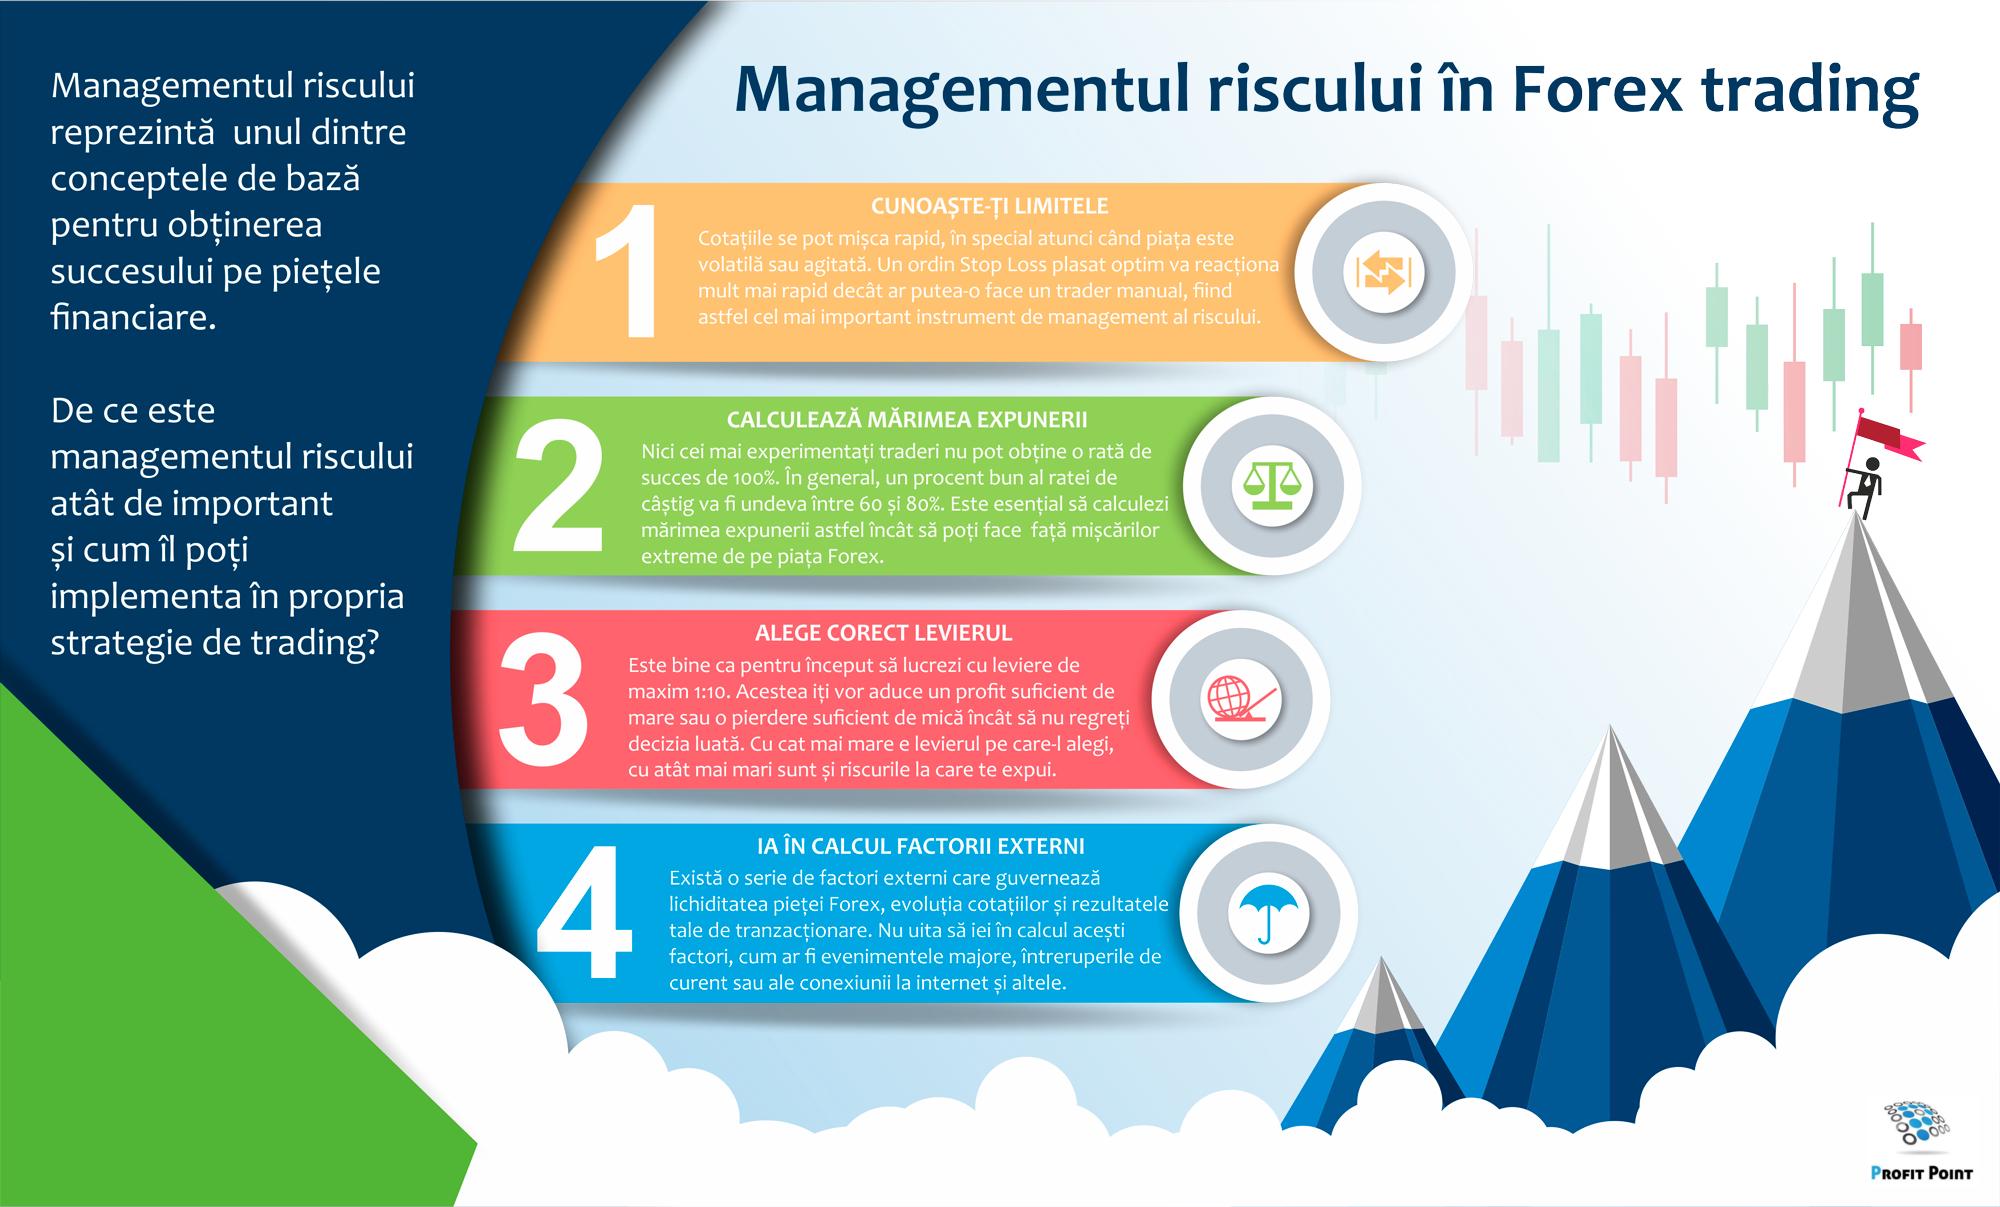 managementul riscului în tranzacționare